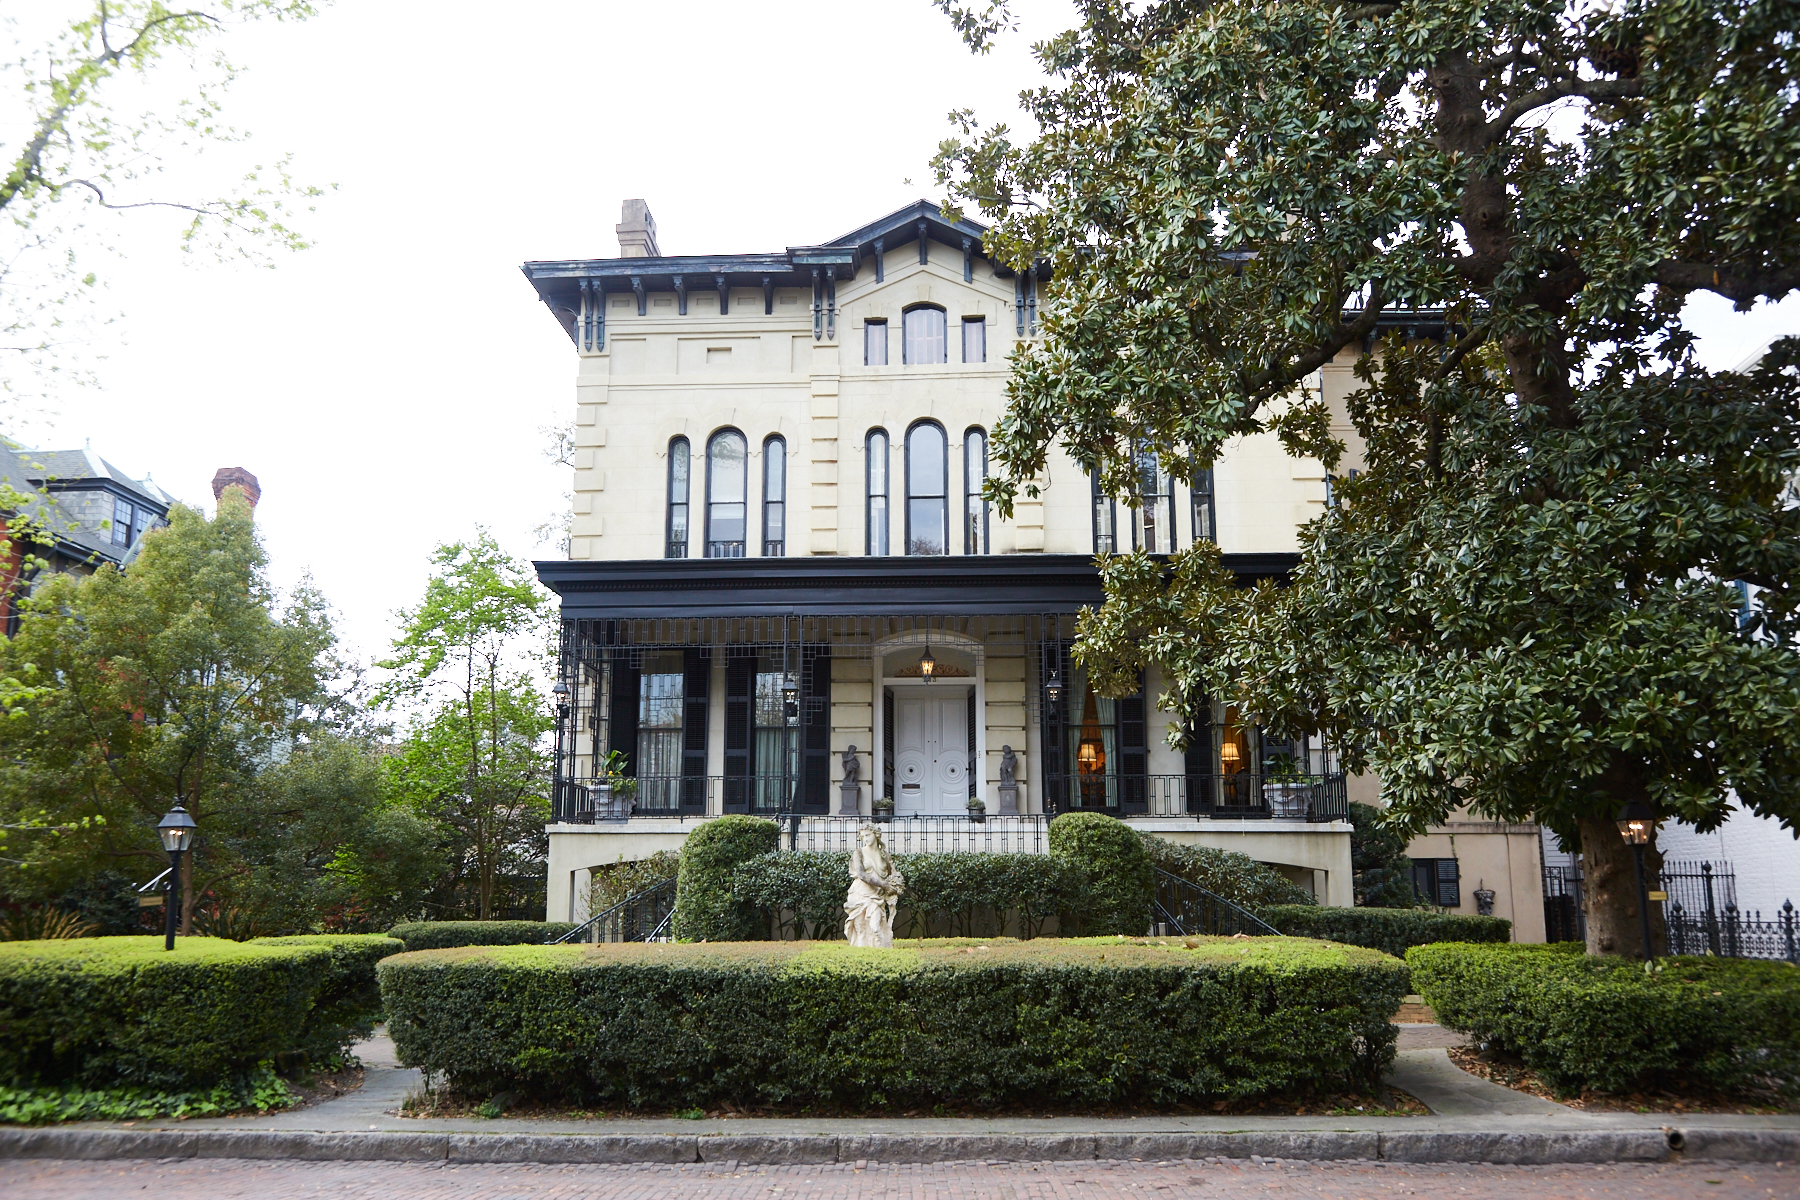 Multi-Family Home for Sale at 213 East Hall Street 213 East Hall Street Savannah, Georgia 31401 United States